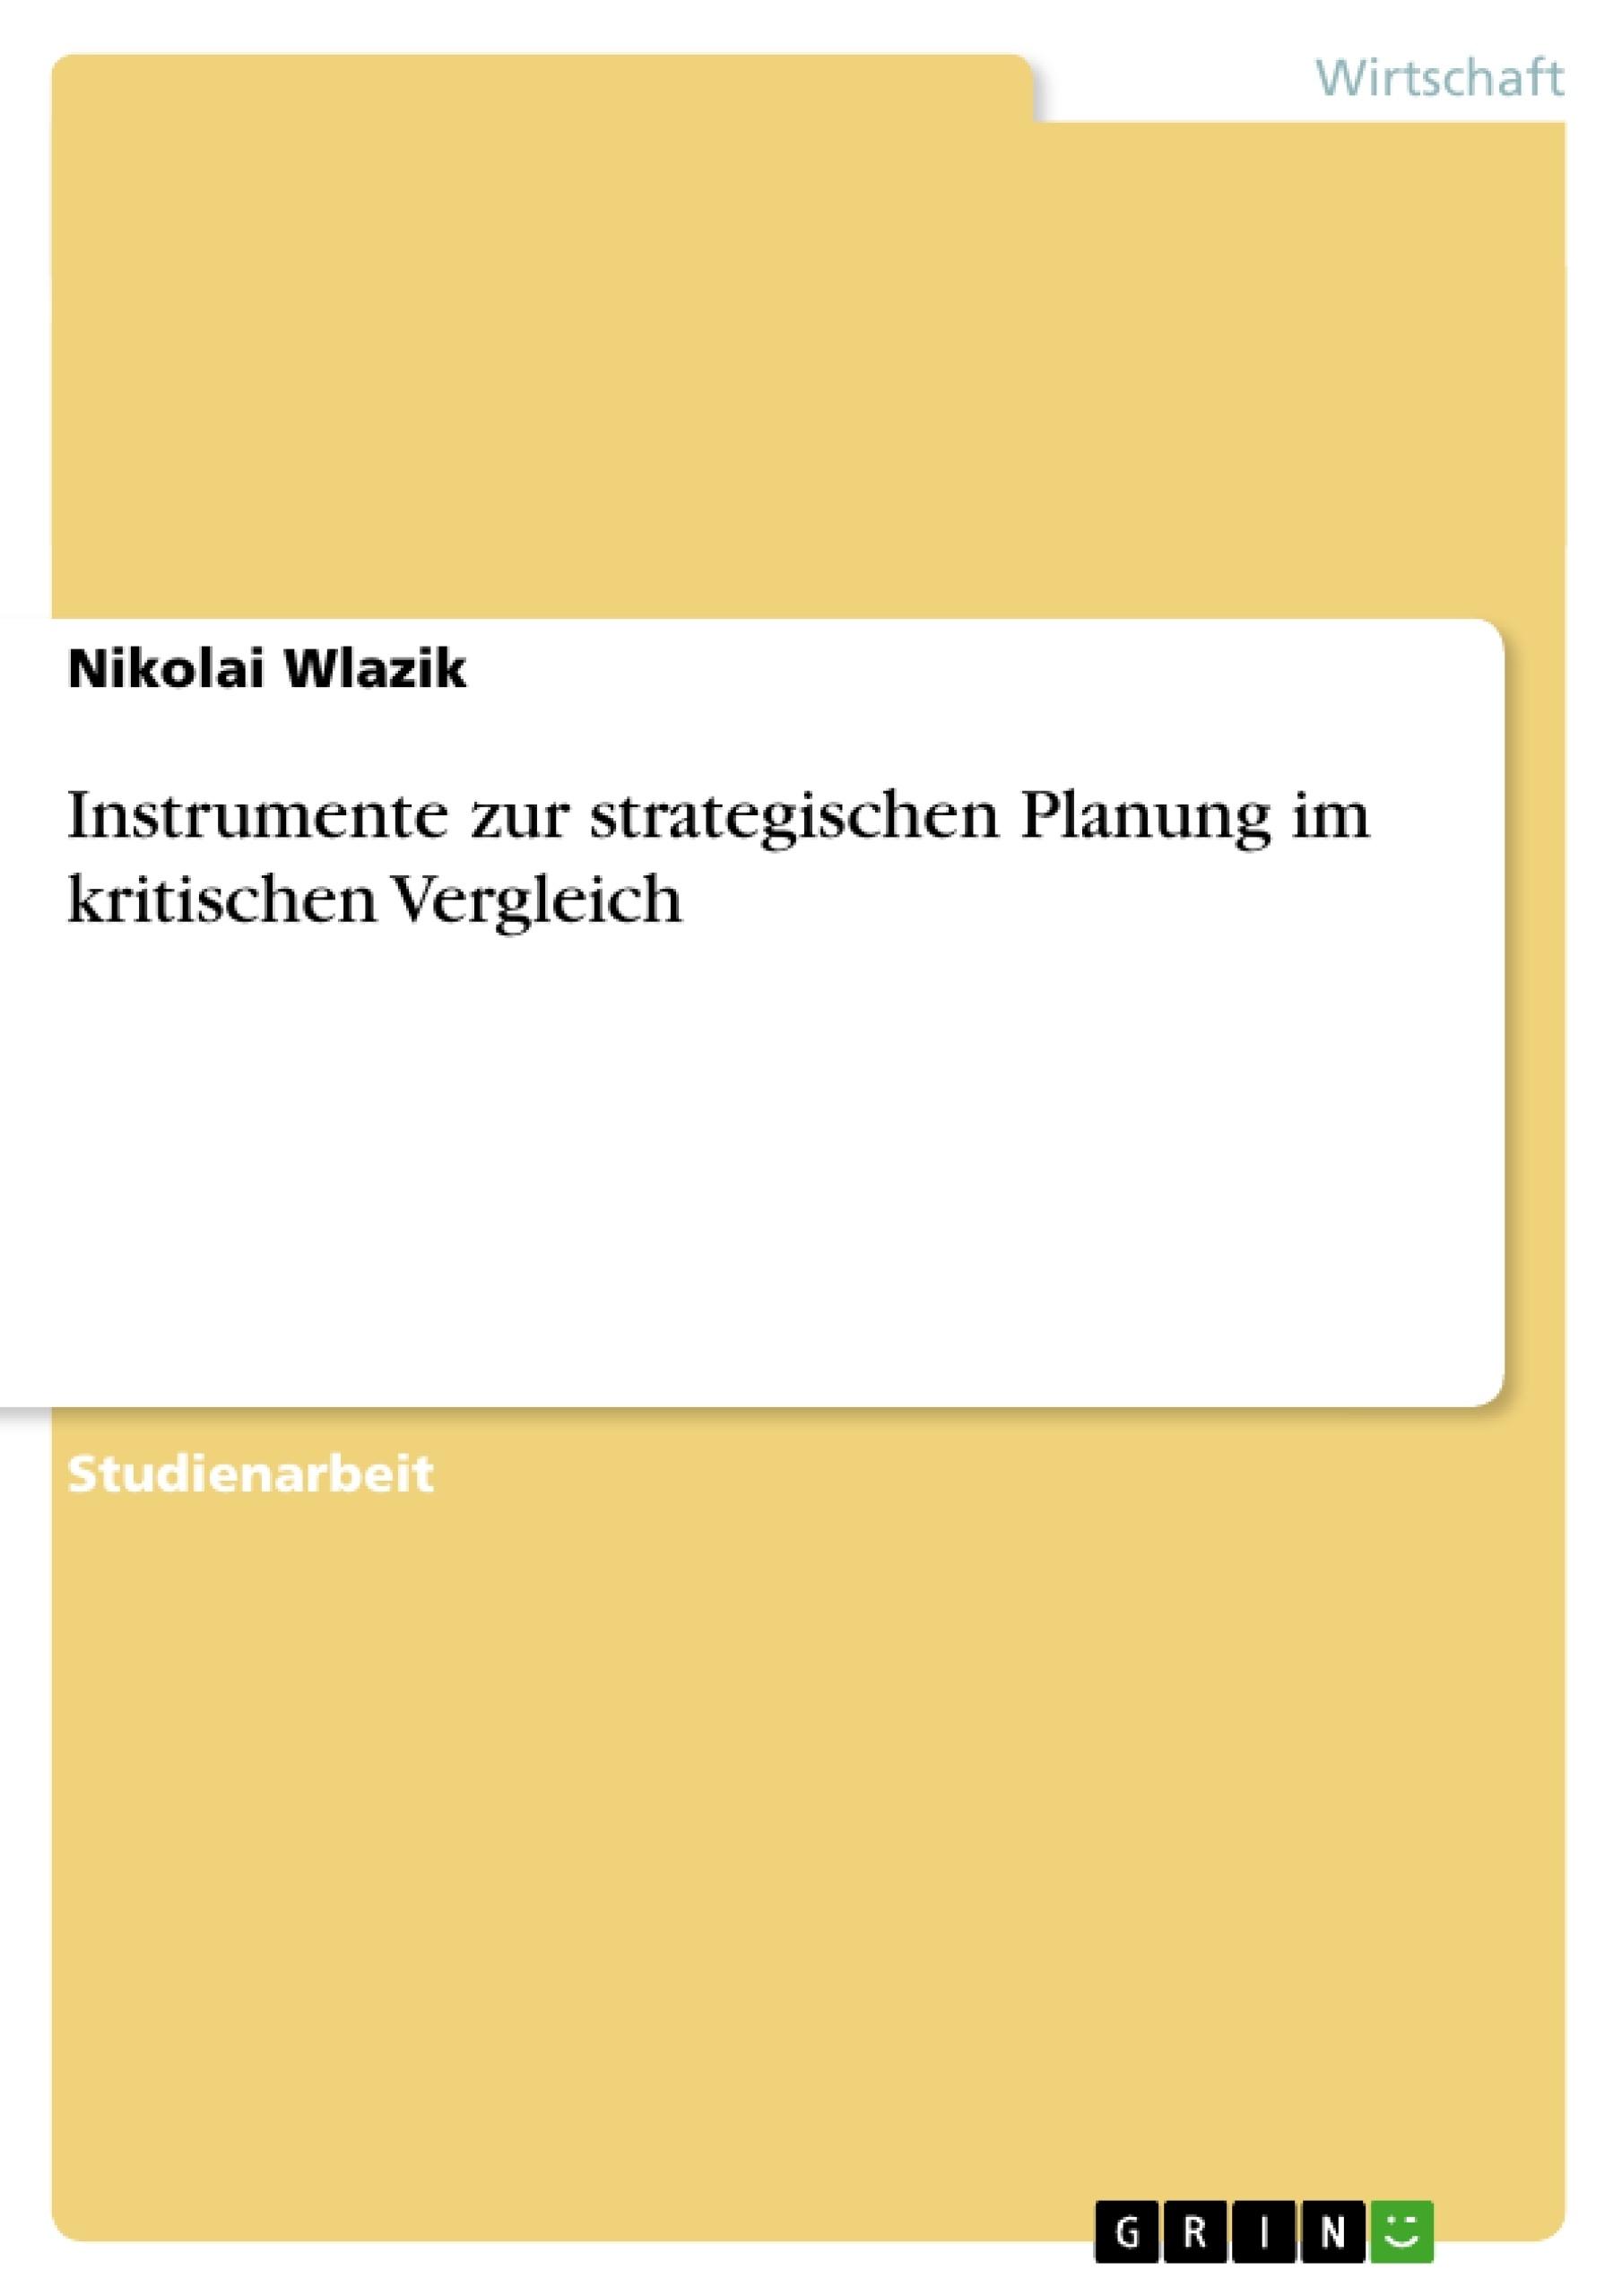 Titel: Instrumente zur strategischen Planung im kritischen Vergleich